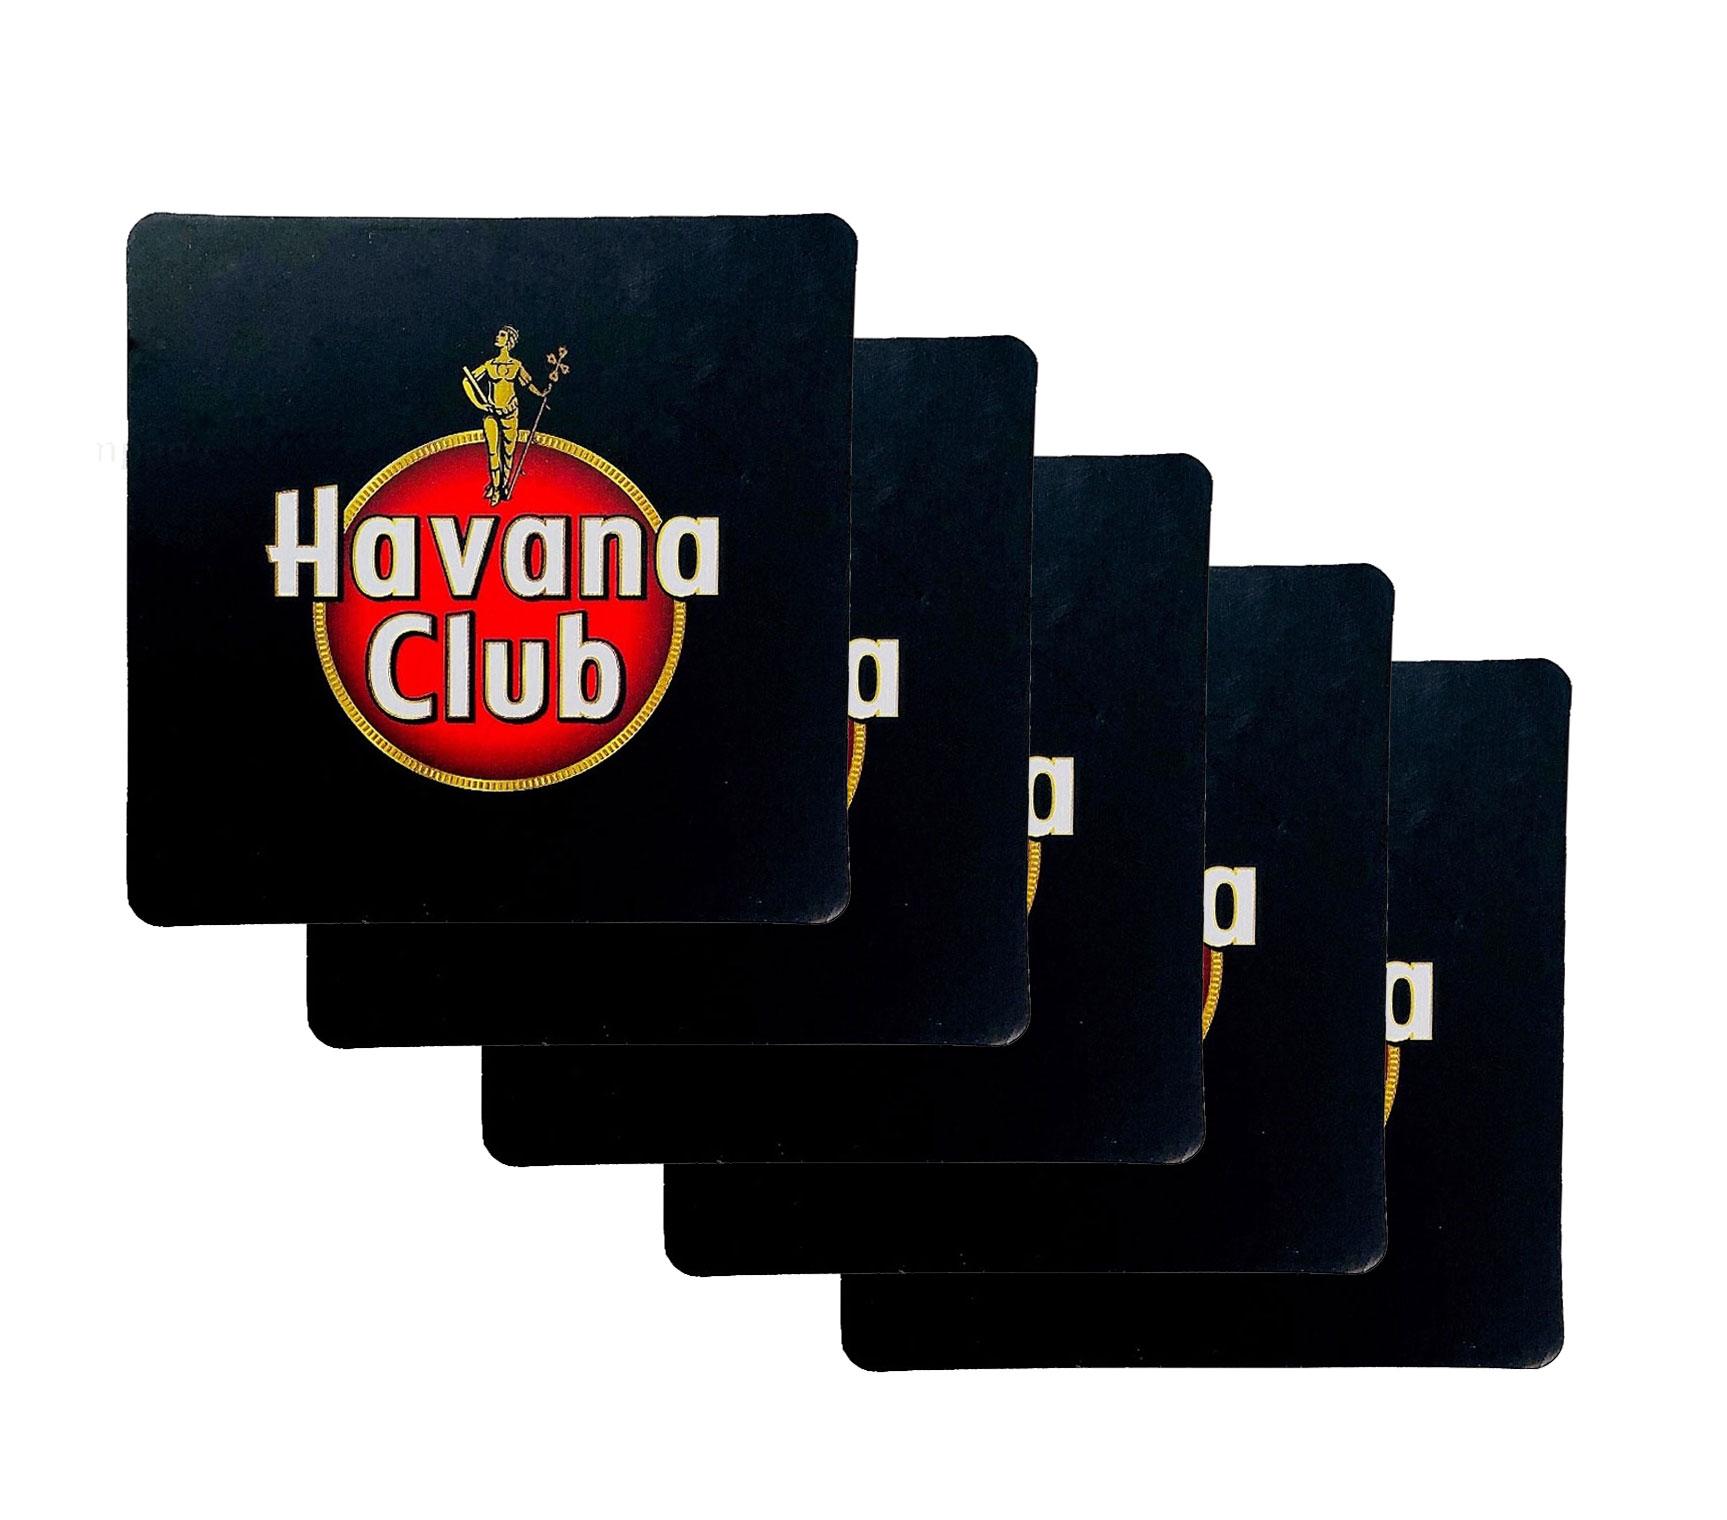 Havana Club Bierdeckel Untersetzer - 5er Set